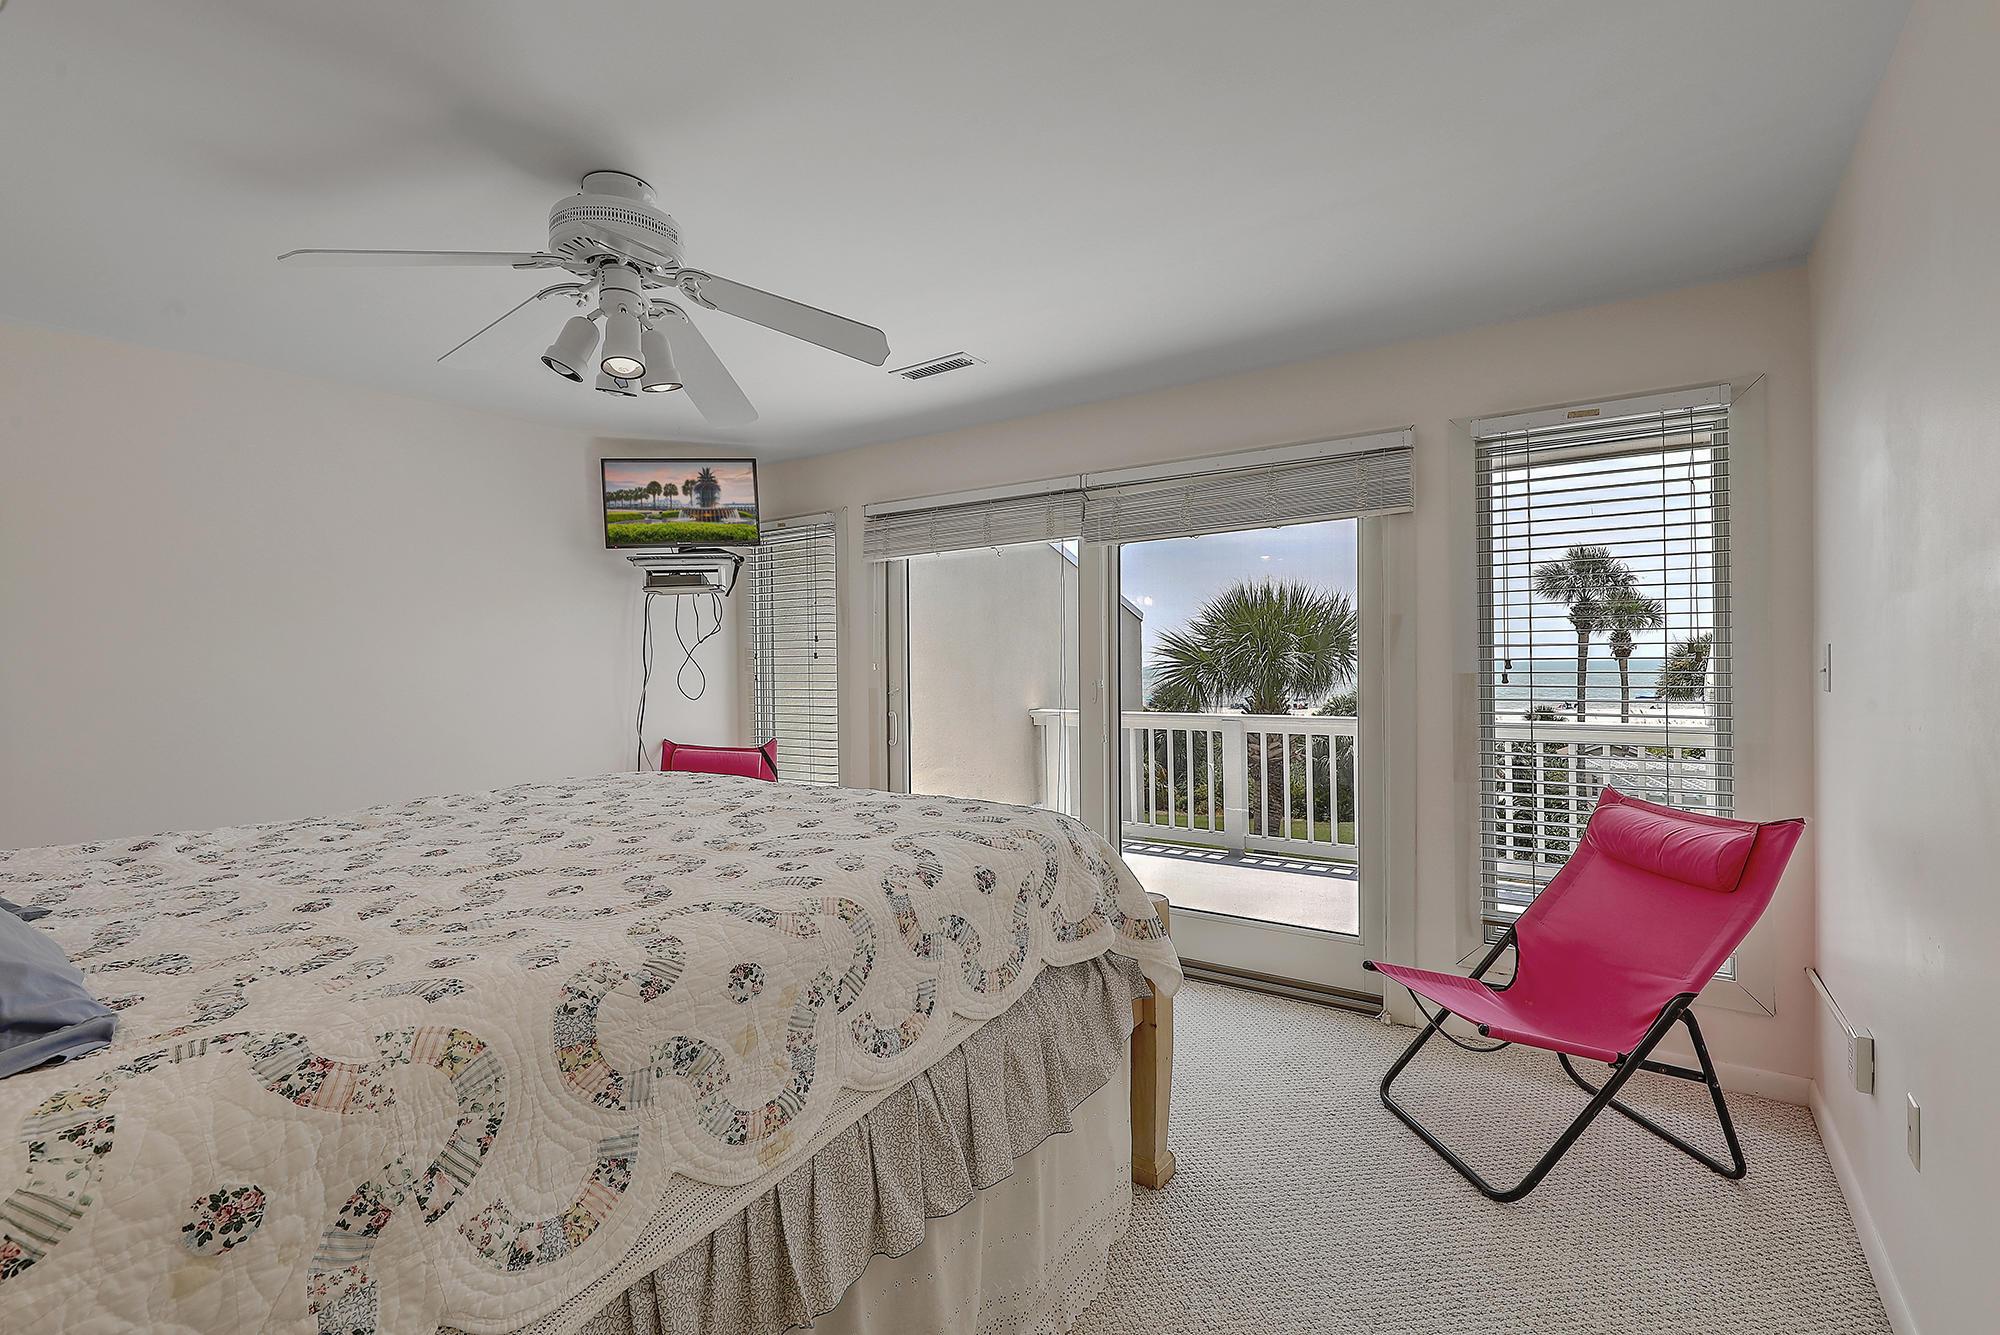 Beach Club Villas Homes For Sale - 15 Beach Club Villas, Isle of Palms, SC - 49